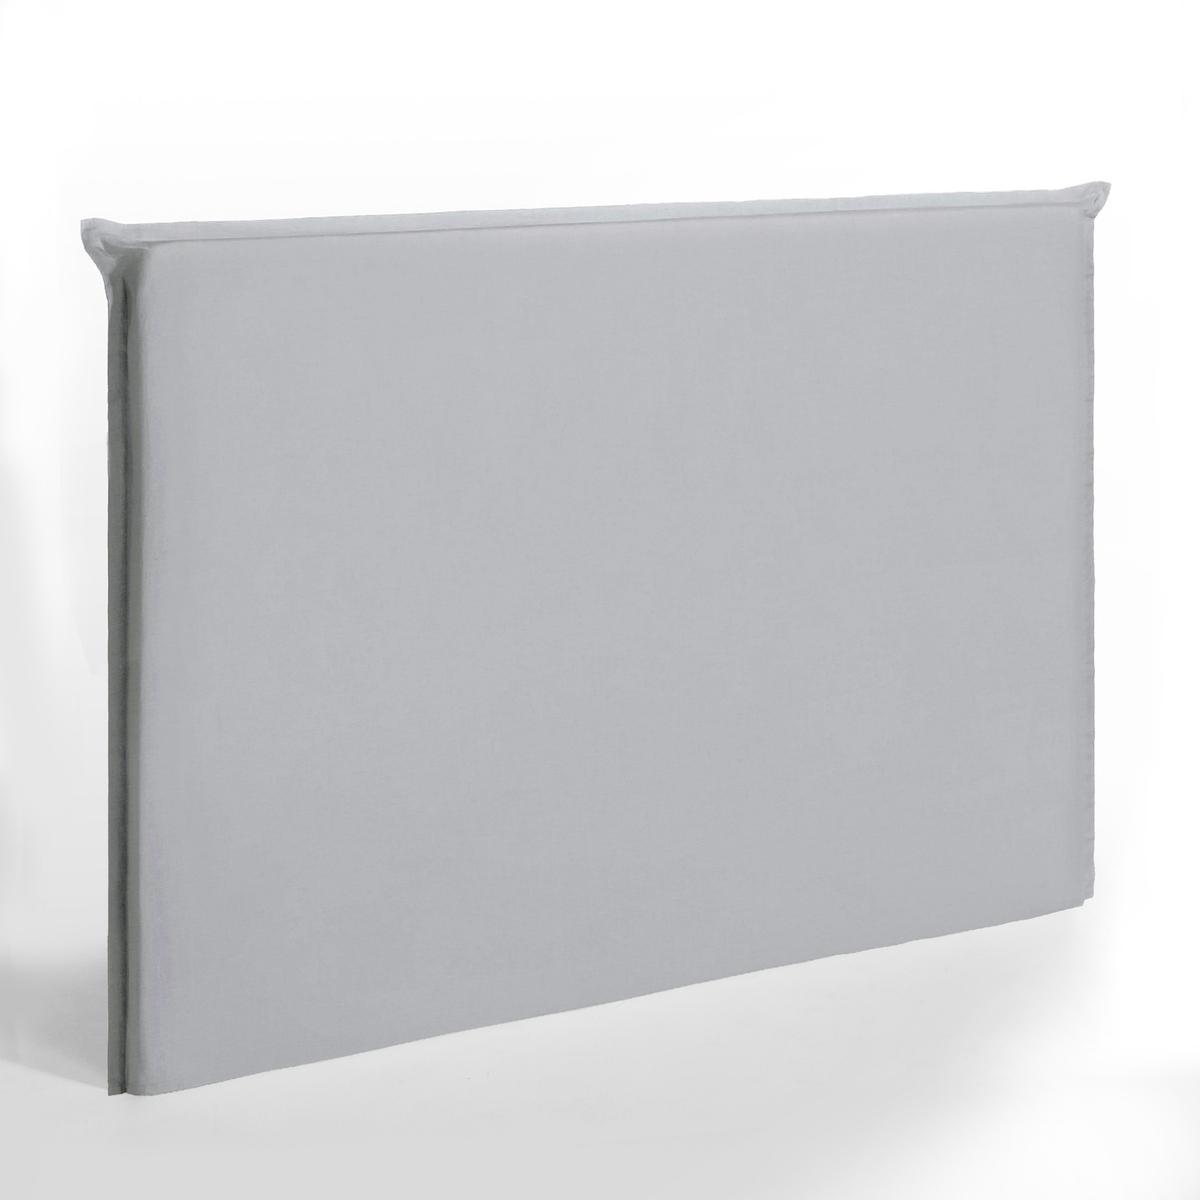 Чехол LaRedoute Для изголовья кровати высотой 135 см из стираного льна Sandor 140 см серый